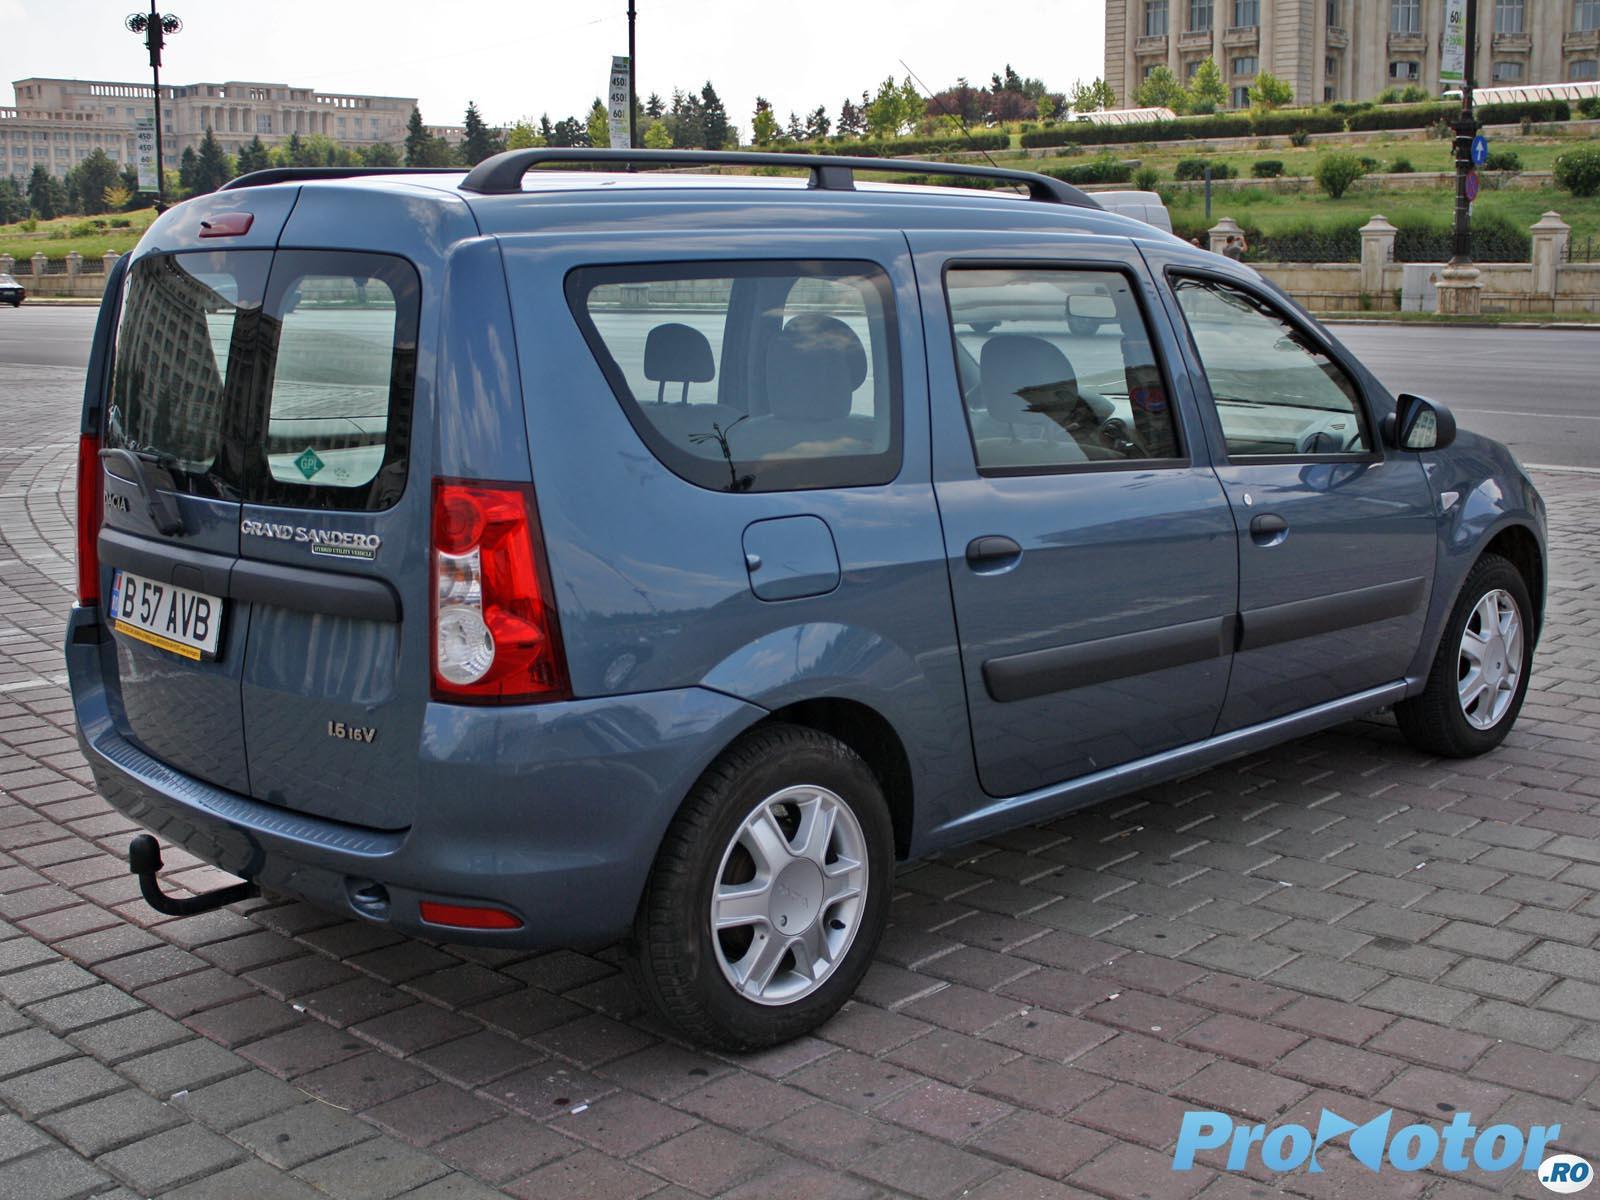 Videoclipuri Dacia Grand Sandero Primele Detalii